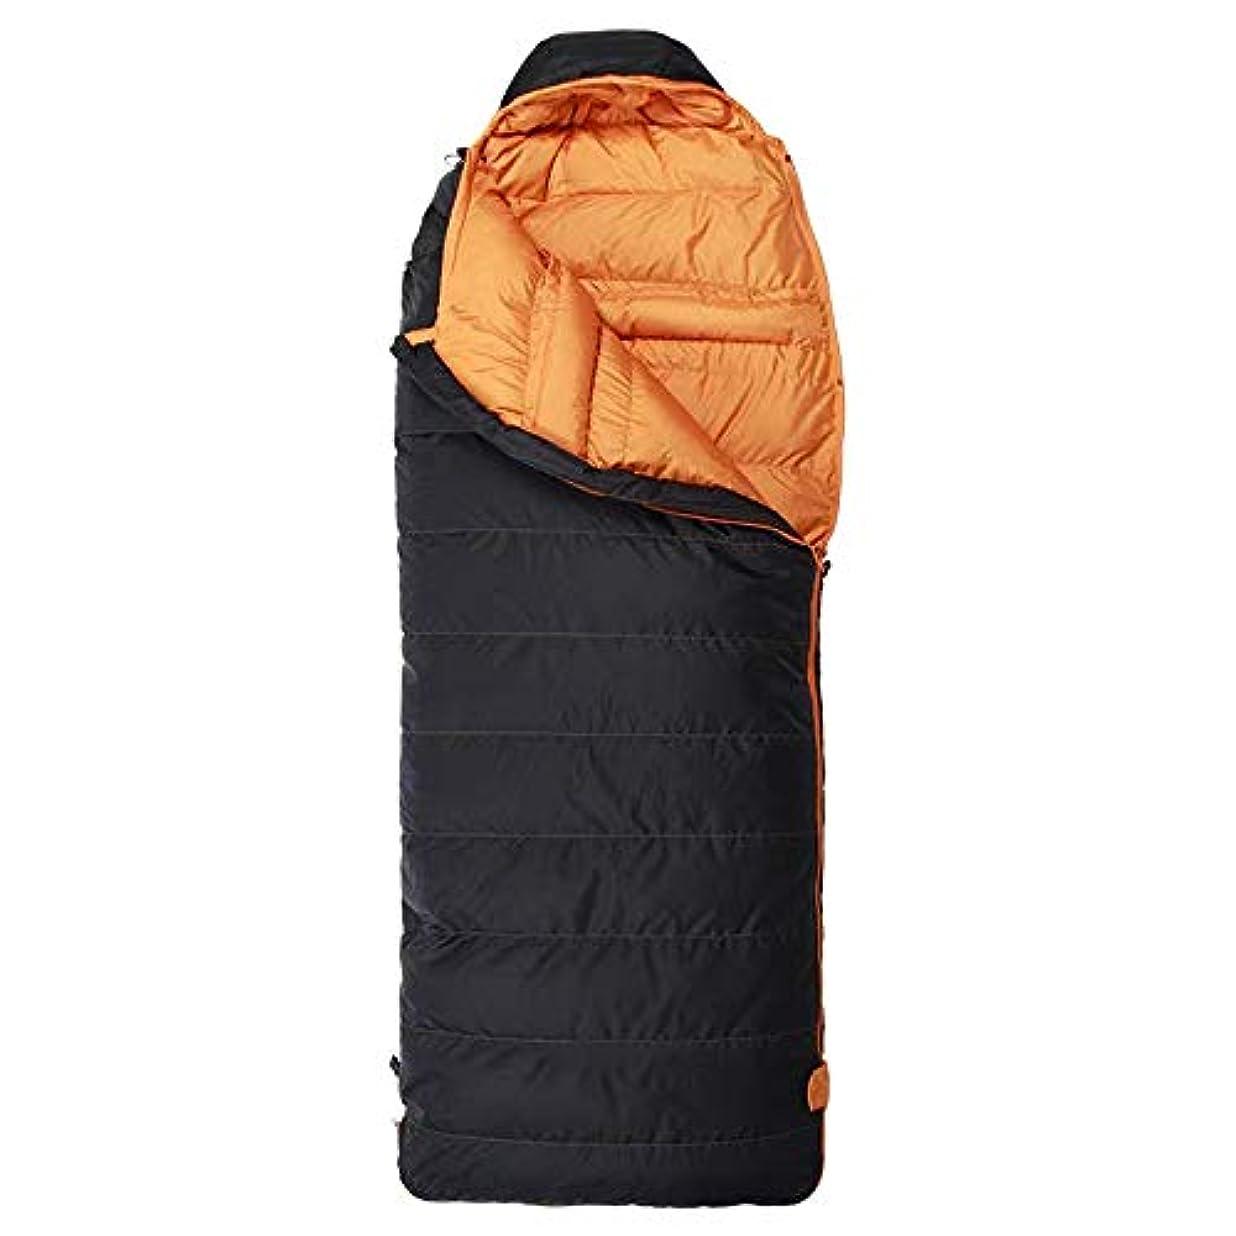 ロケット含める大西洋寝袋、大人の屋外旅行シングル肥厚屋内分離冬キャンプ寝袋